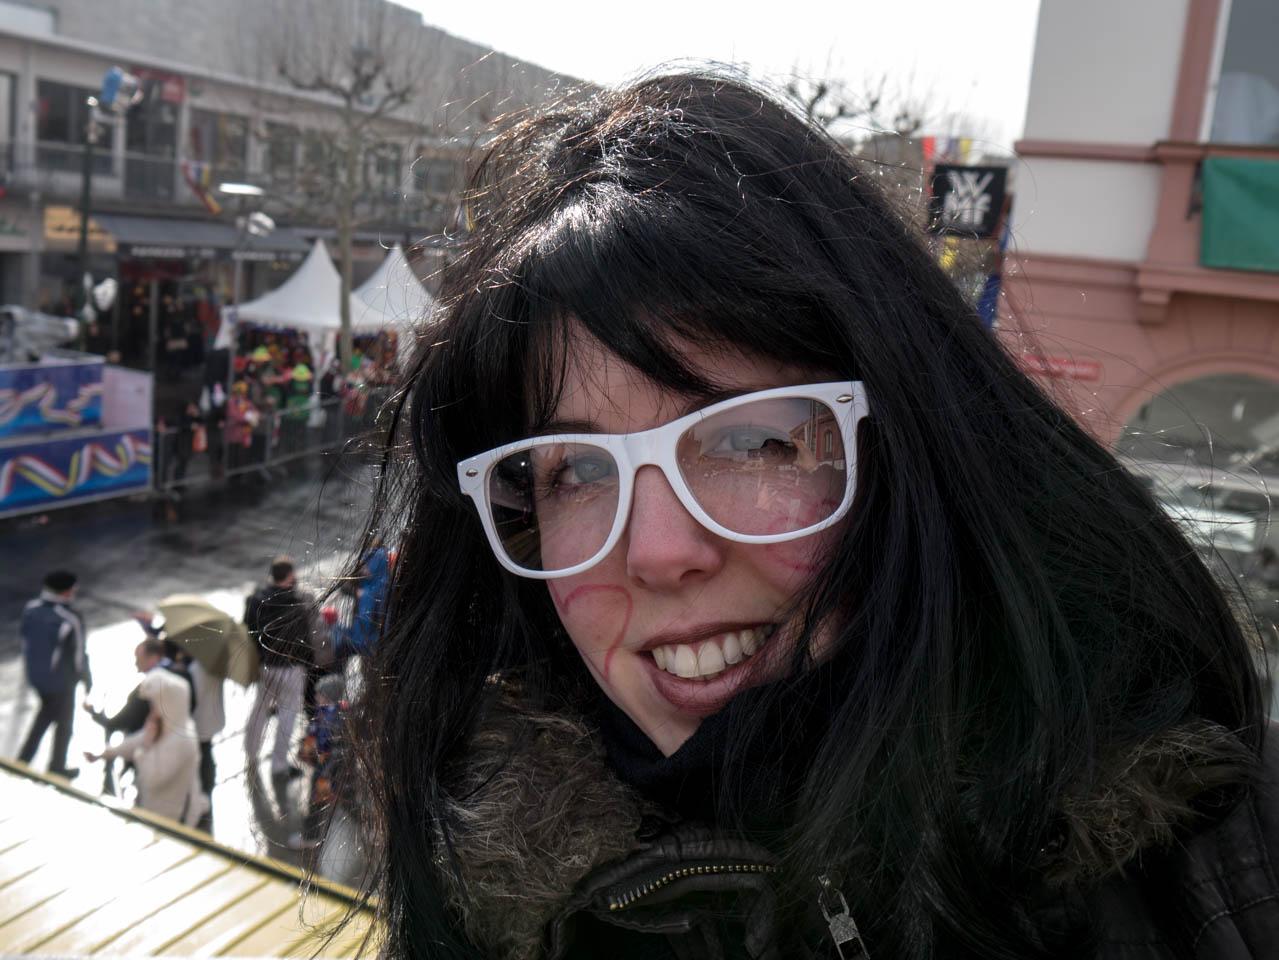 Karla am Zug